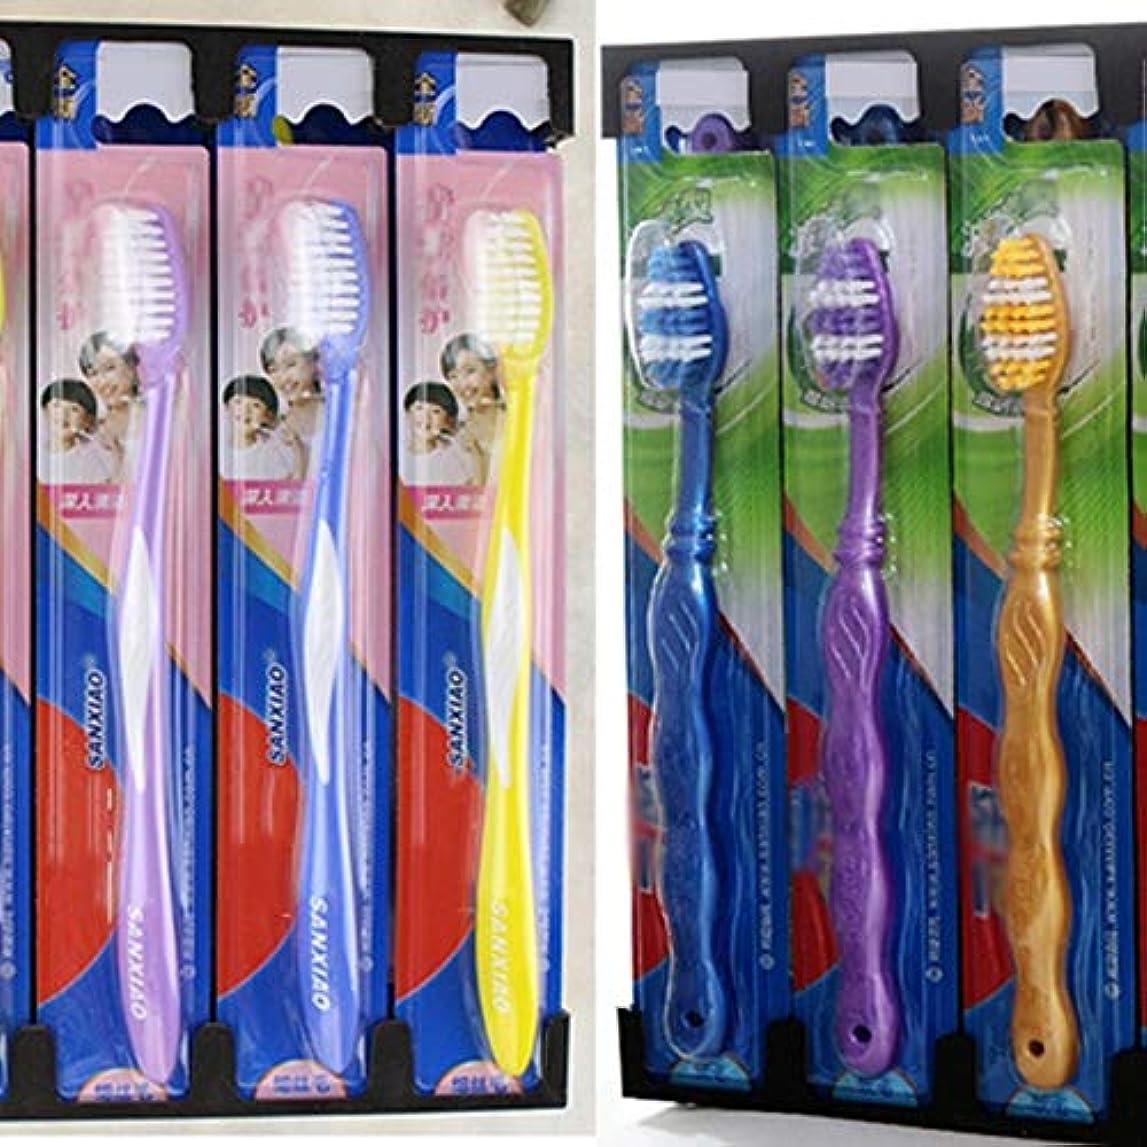 省アラスカ未接続歯ブラシ 30本の歯ブラシ、旅行歯ブラシ、家族バルク大人歯ブラシ、ミディアム歯ブラシ - 使用可能なスタイルの3種類 HL (色 : C, サイズ : 30 packs)